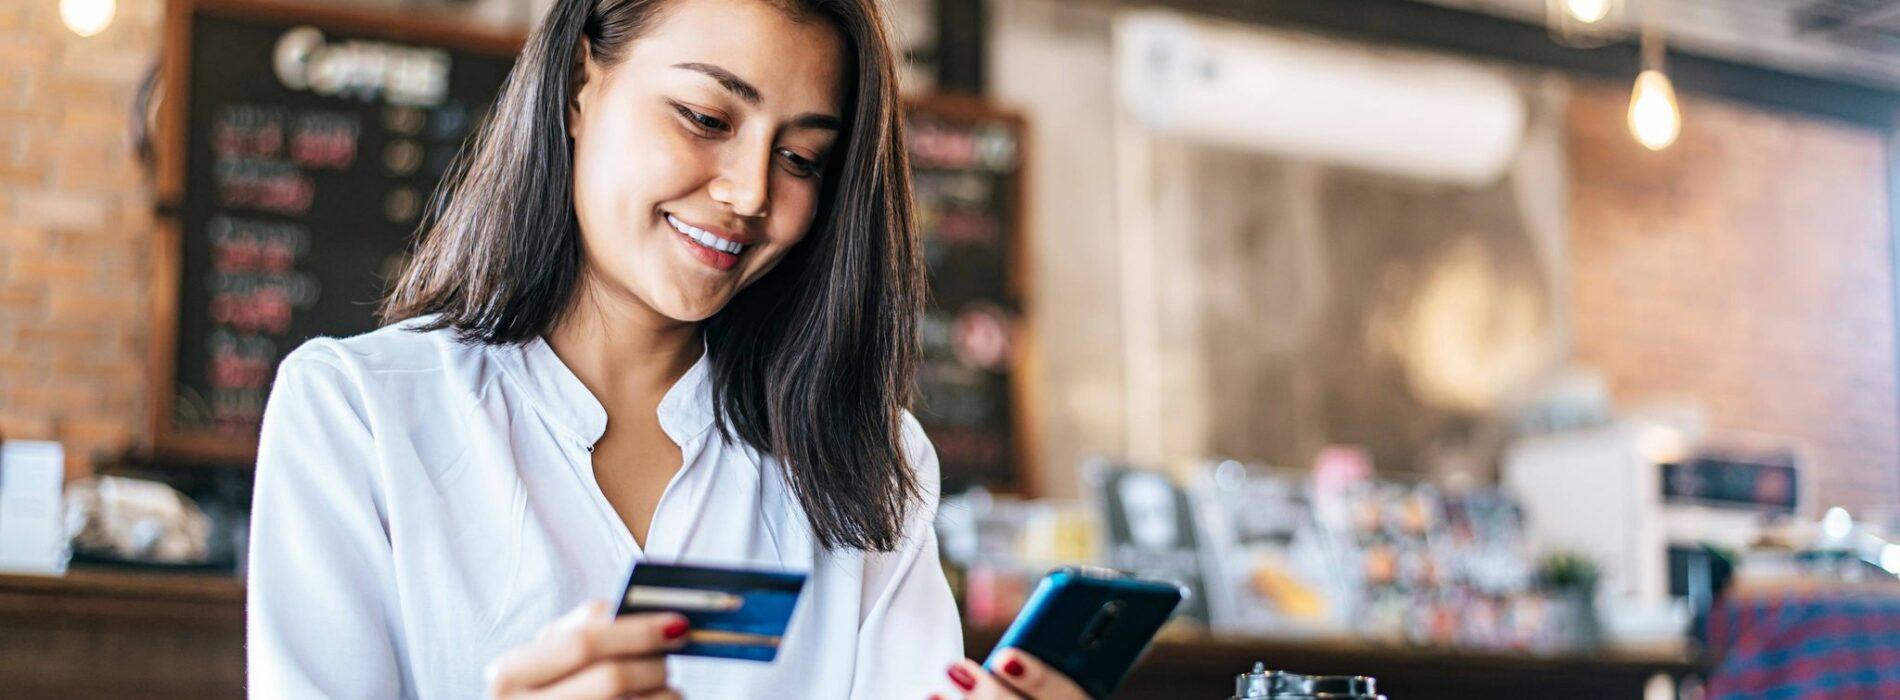 Czy kartę kredytową można uzyskać przez internet?